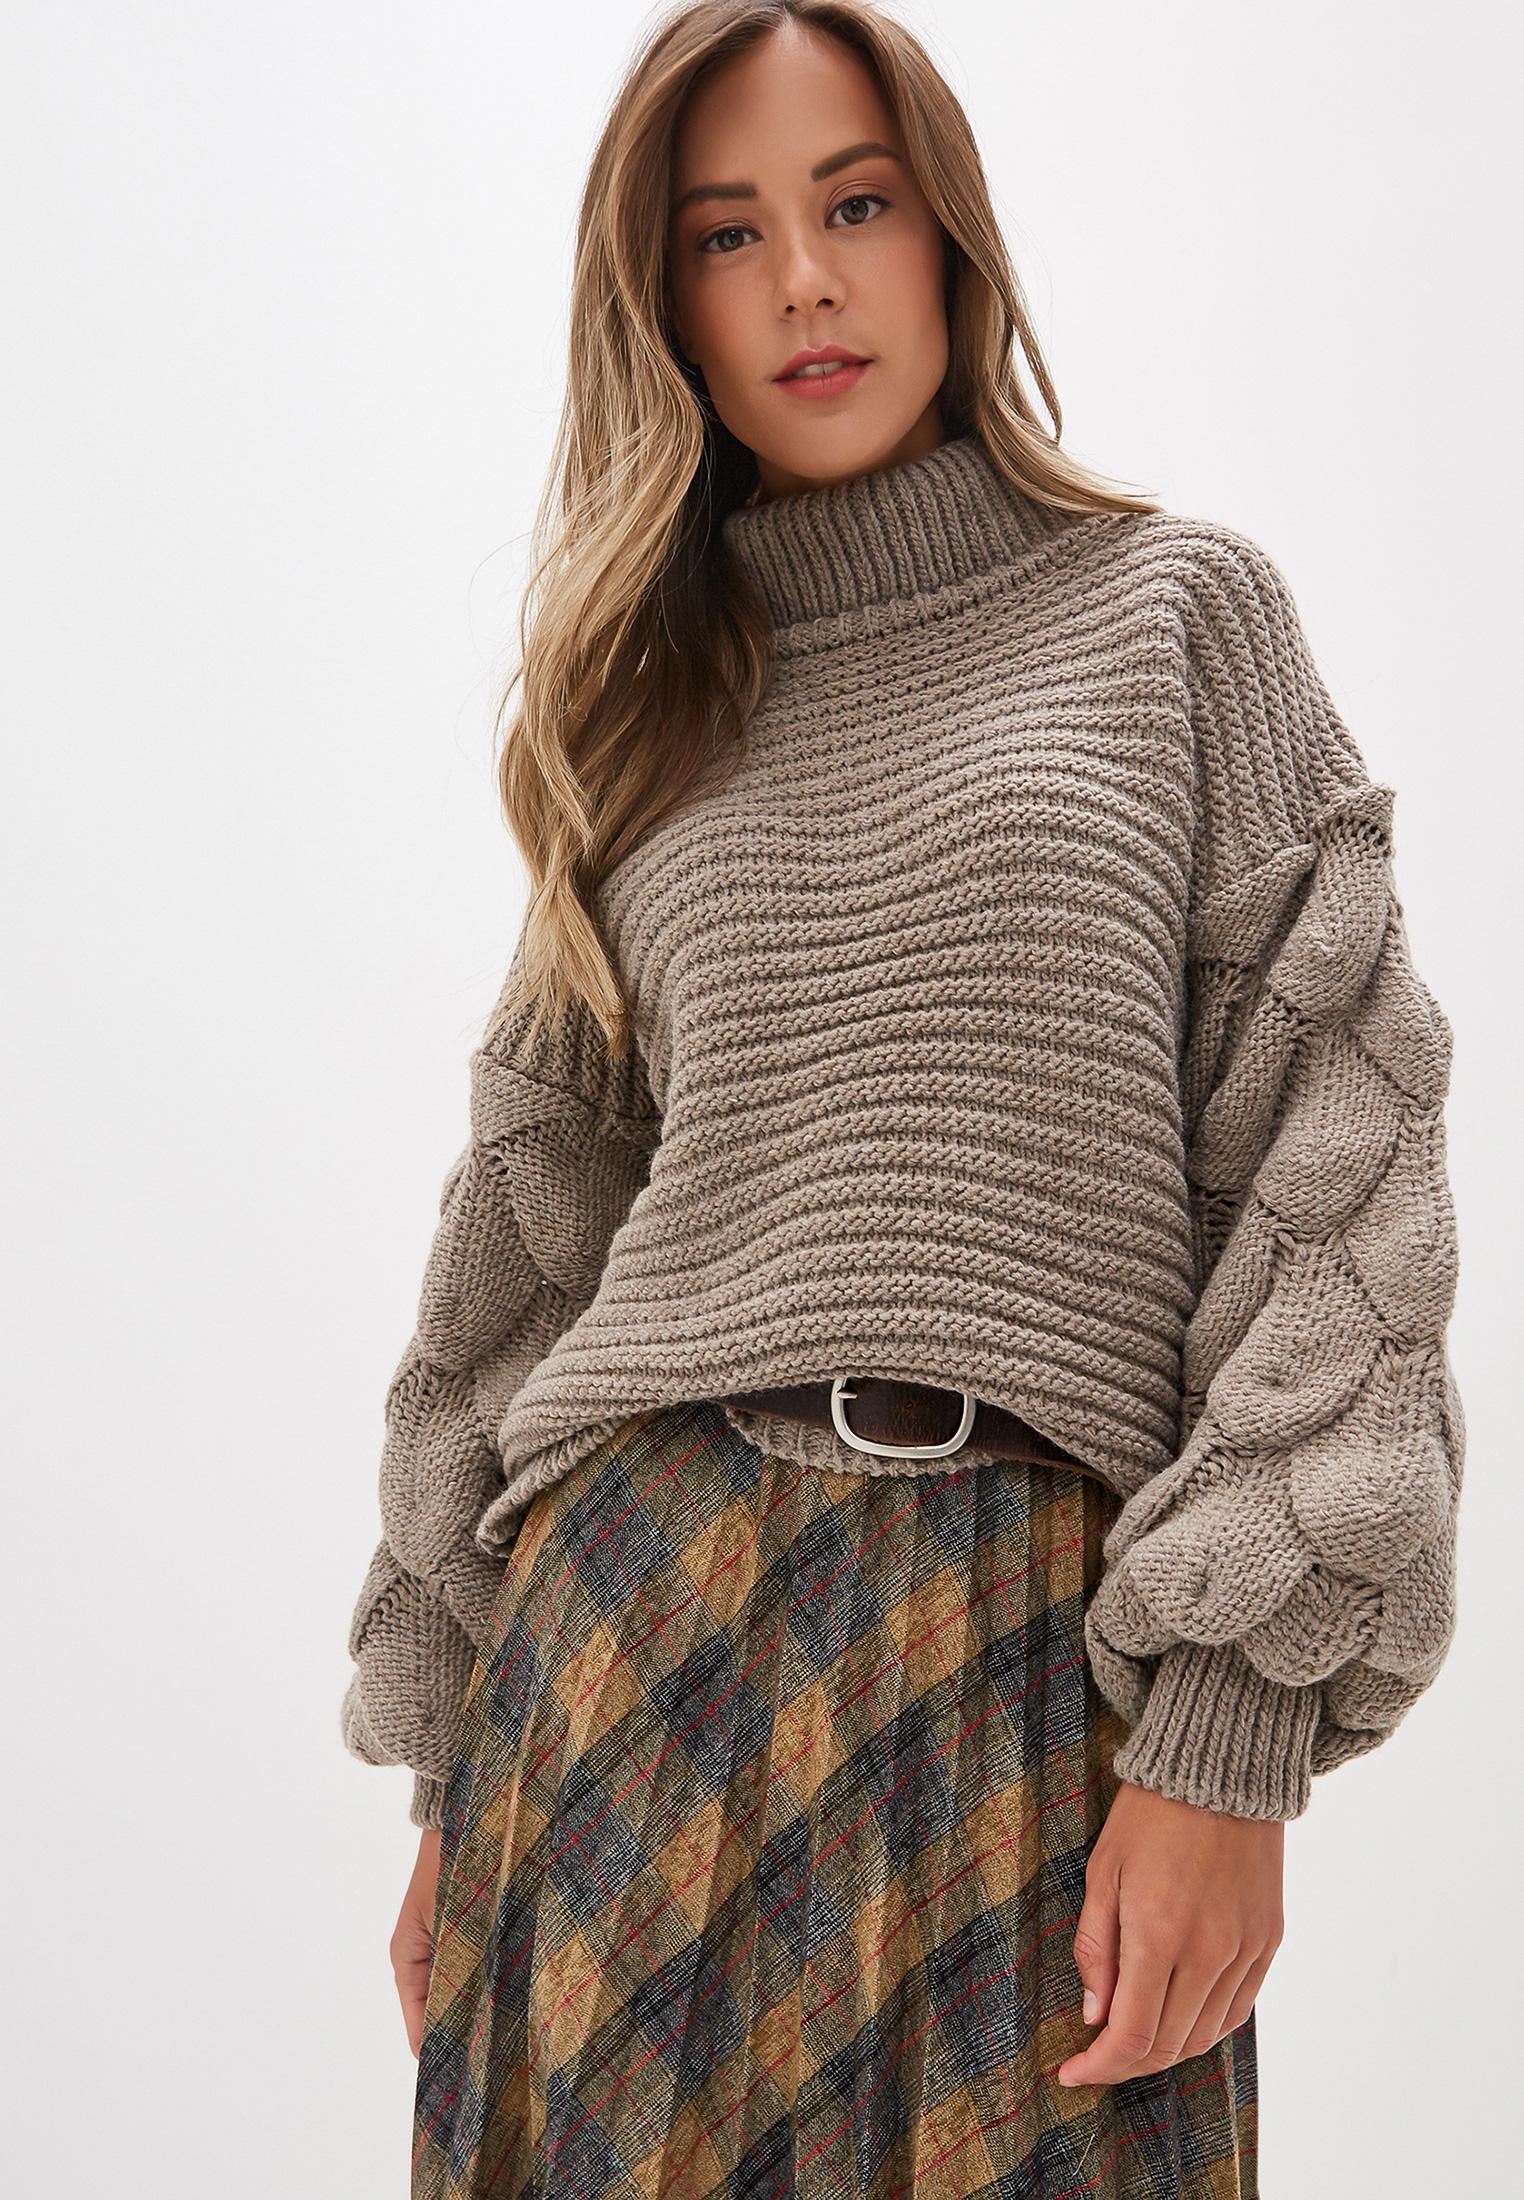 таким какие в моде женские свитера фото удивительно, что кое-кто